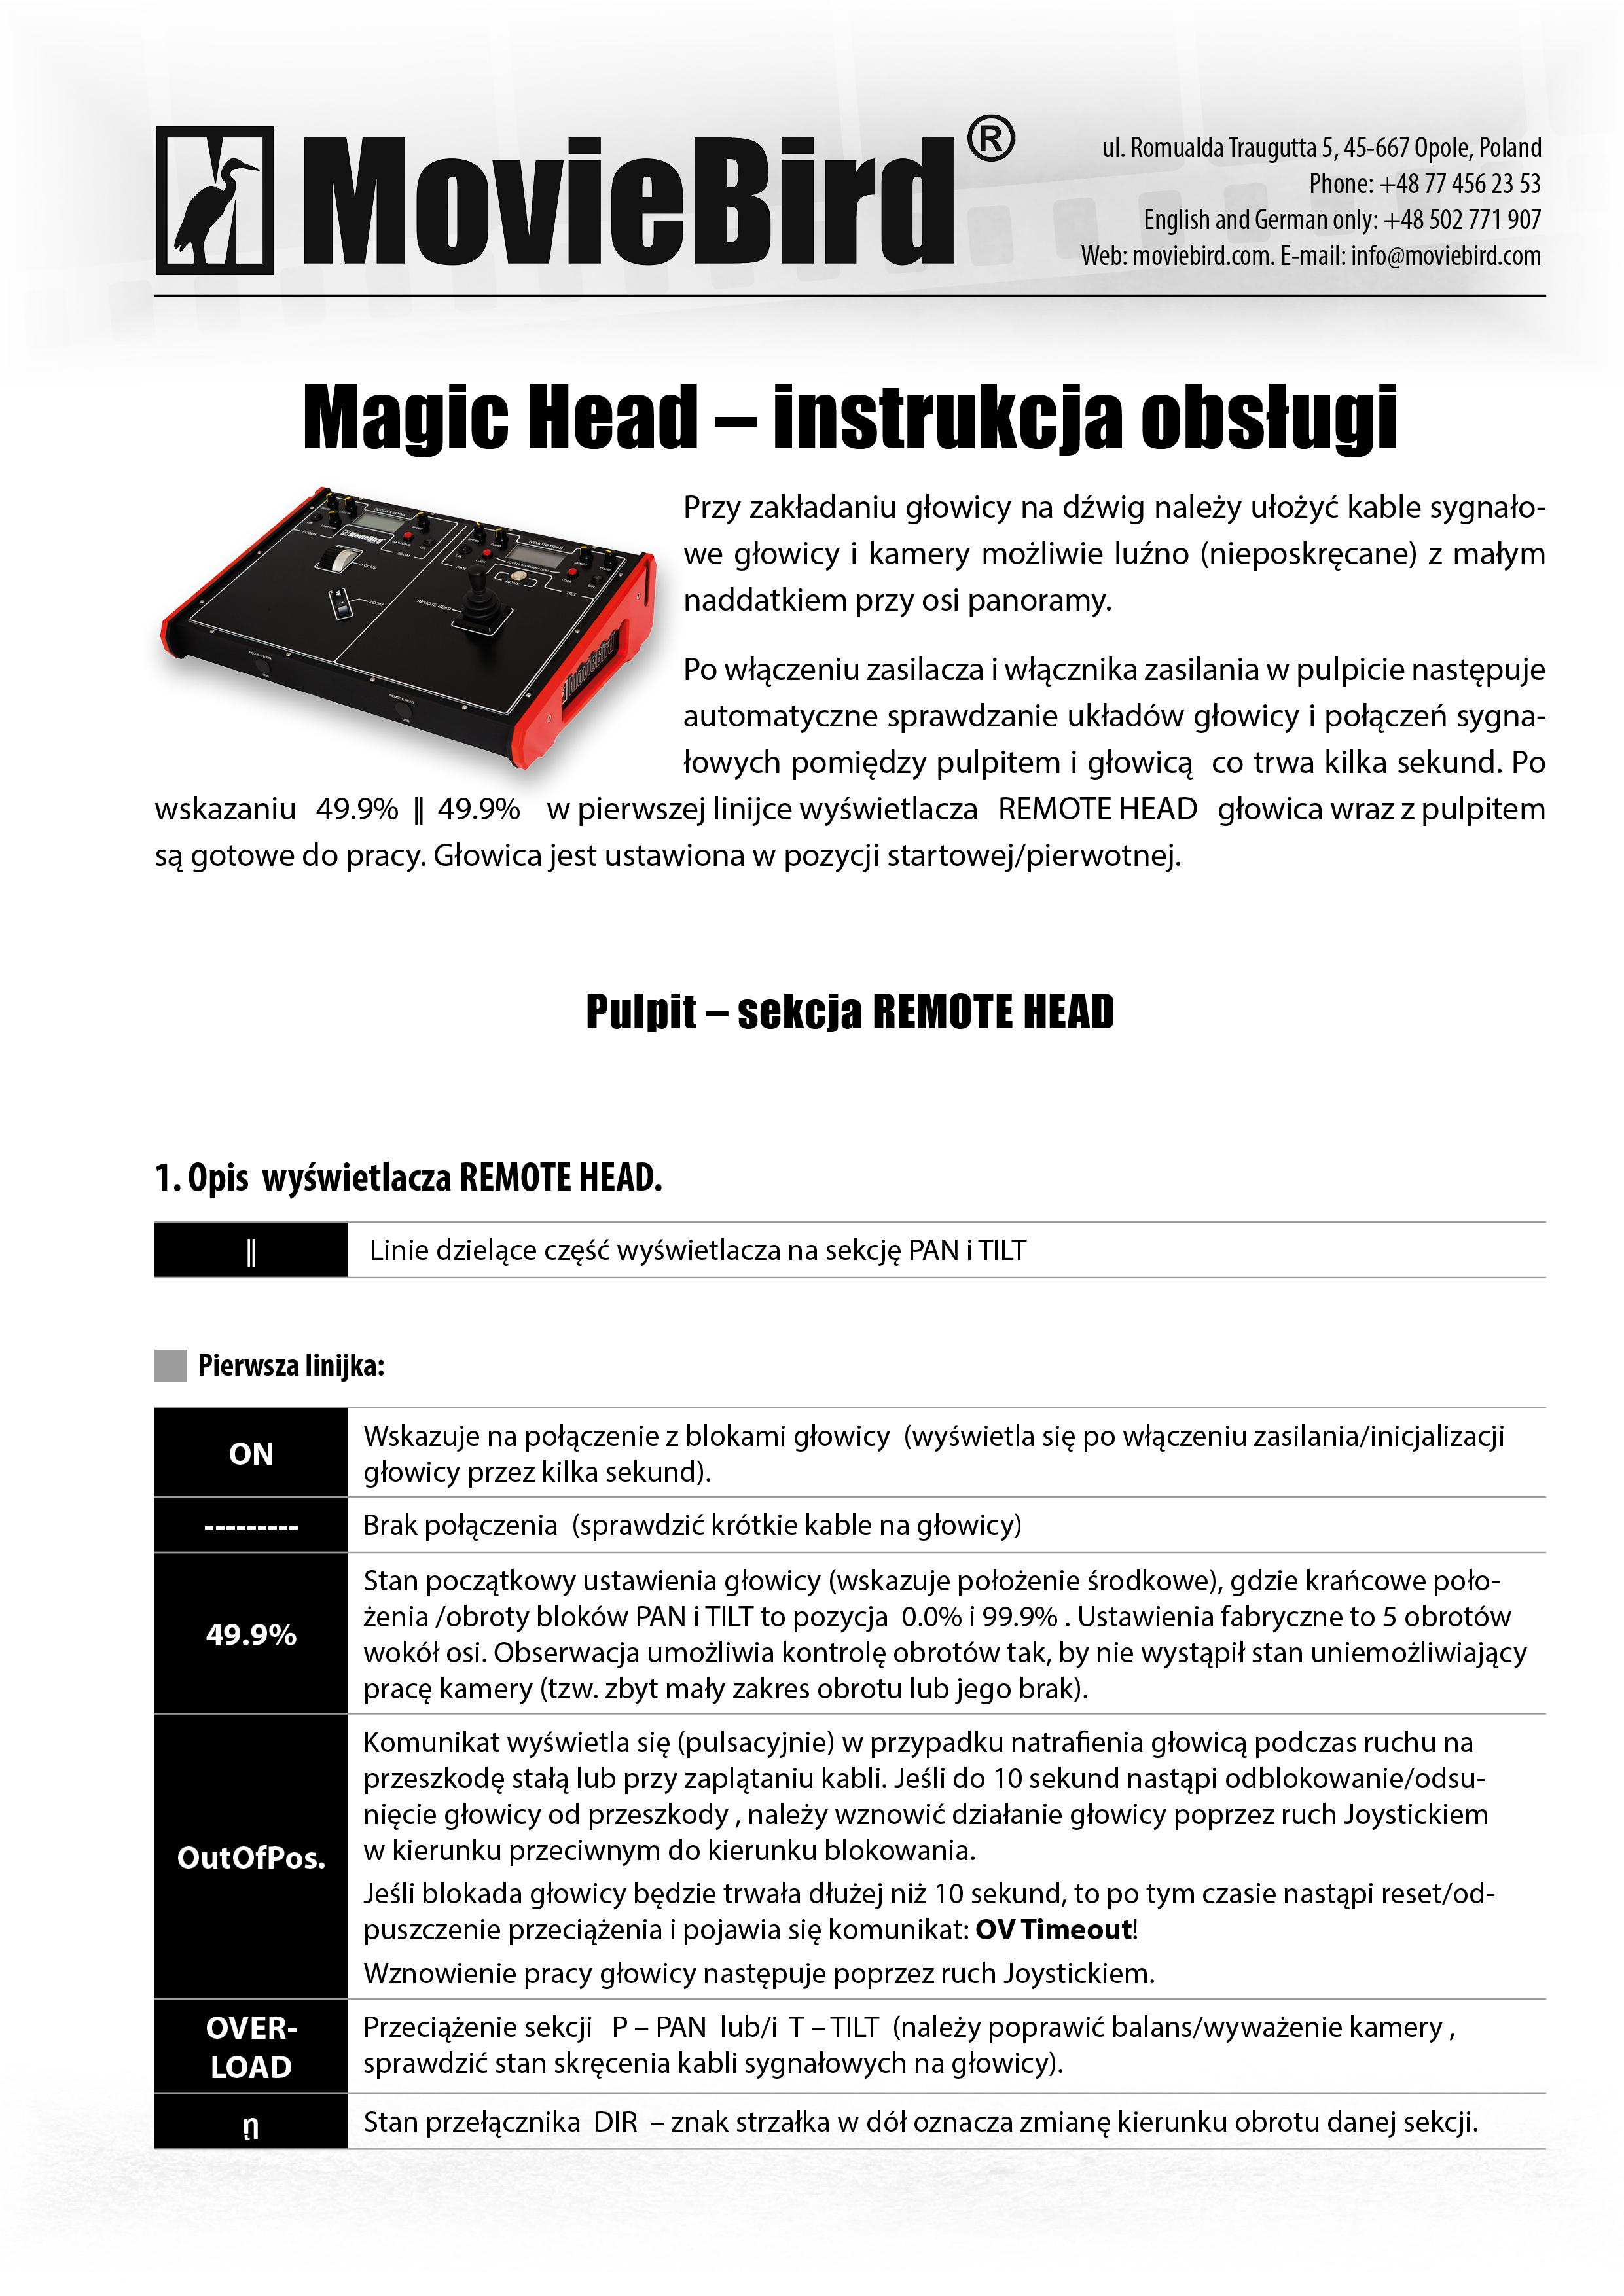 MovieBird Magic Head - krótka instrukcja